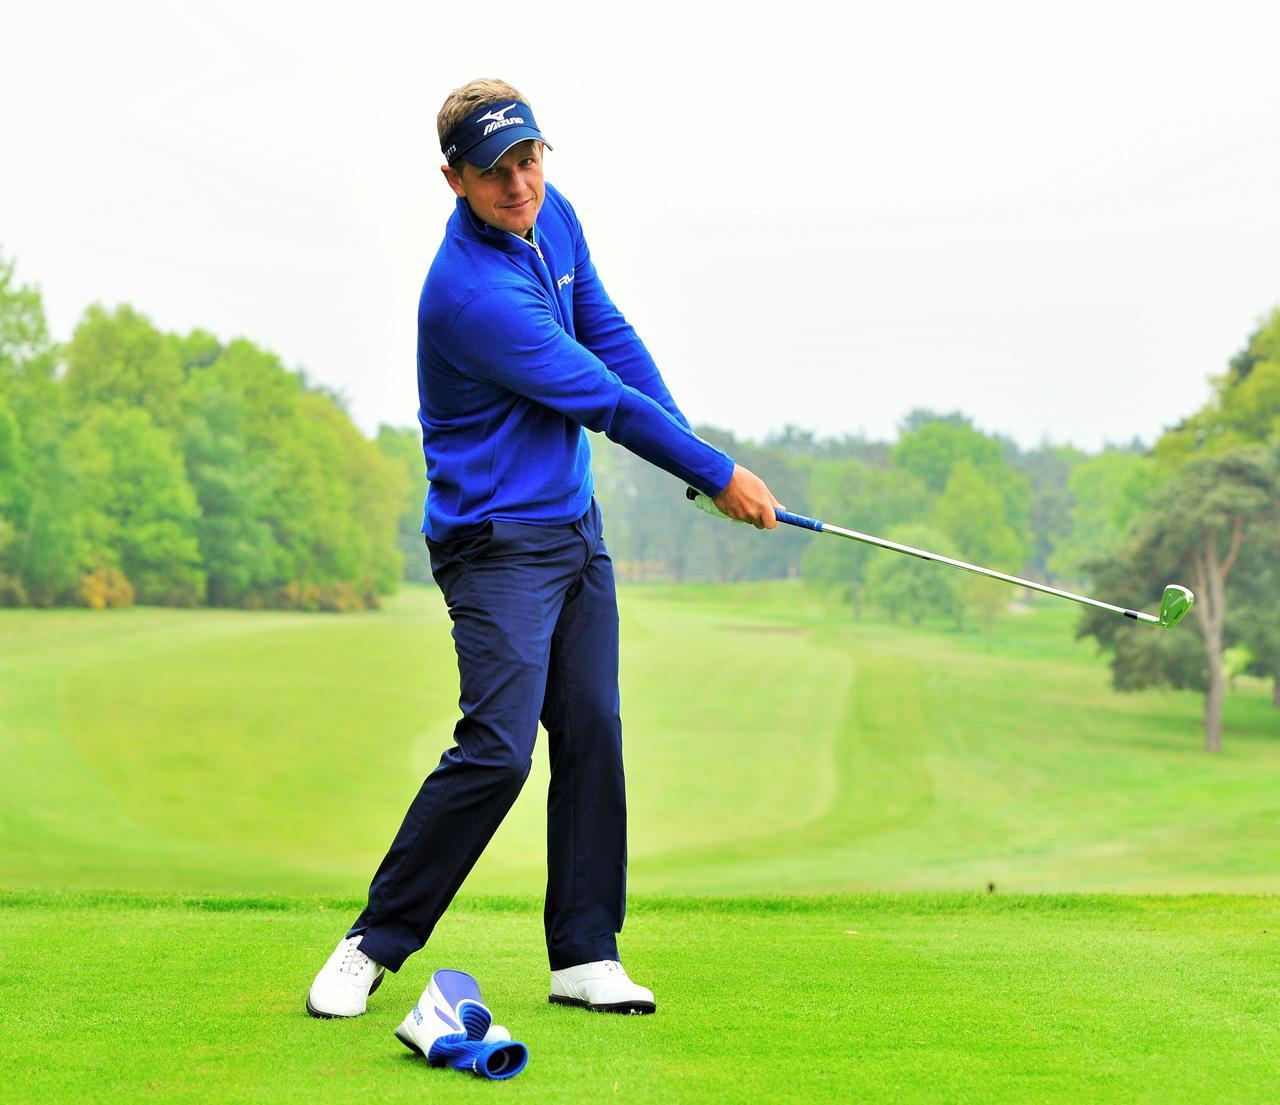 画像: 球の前にものを置いて、それに当たらないように左サイドへ振る